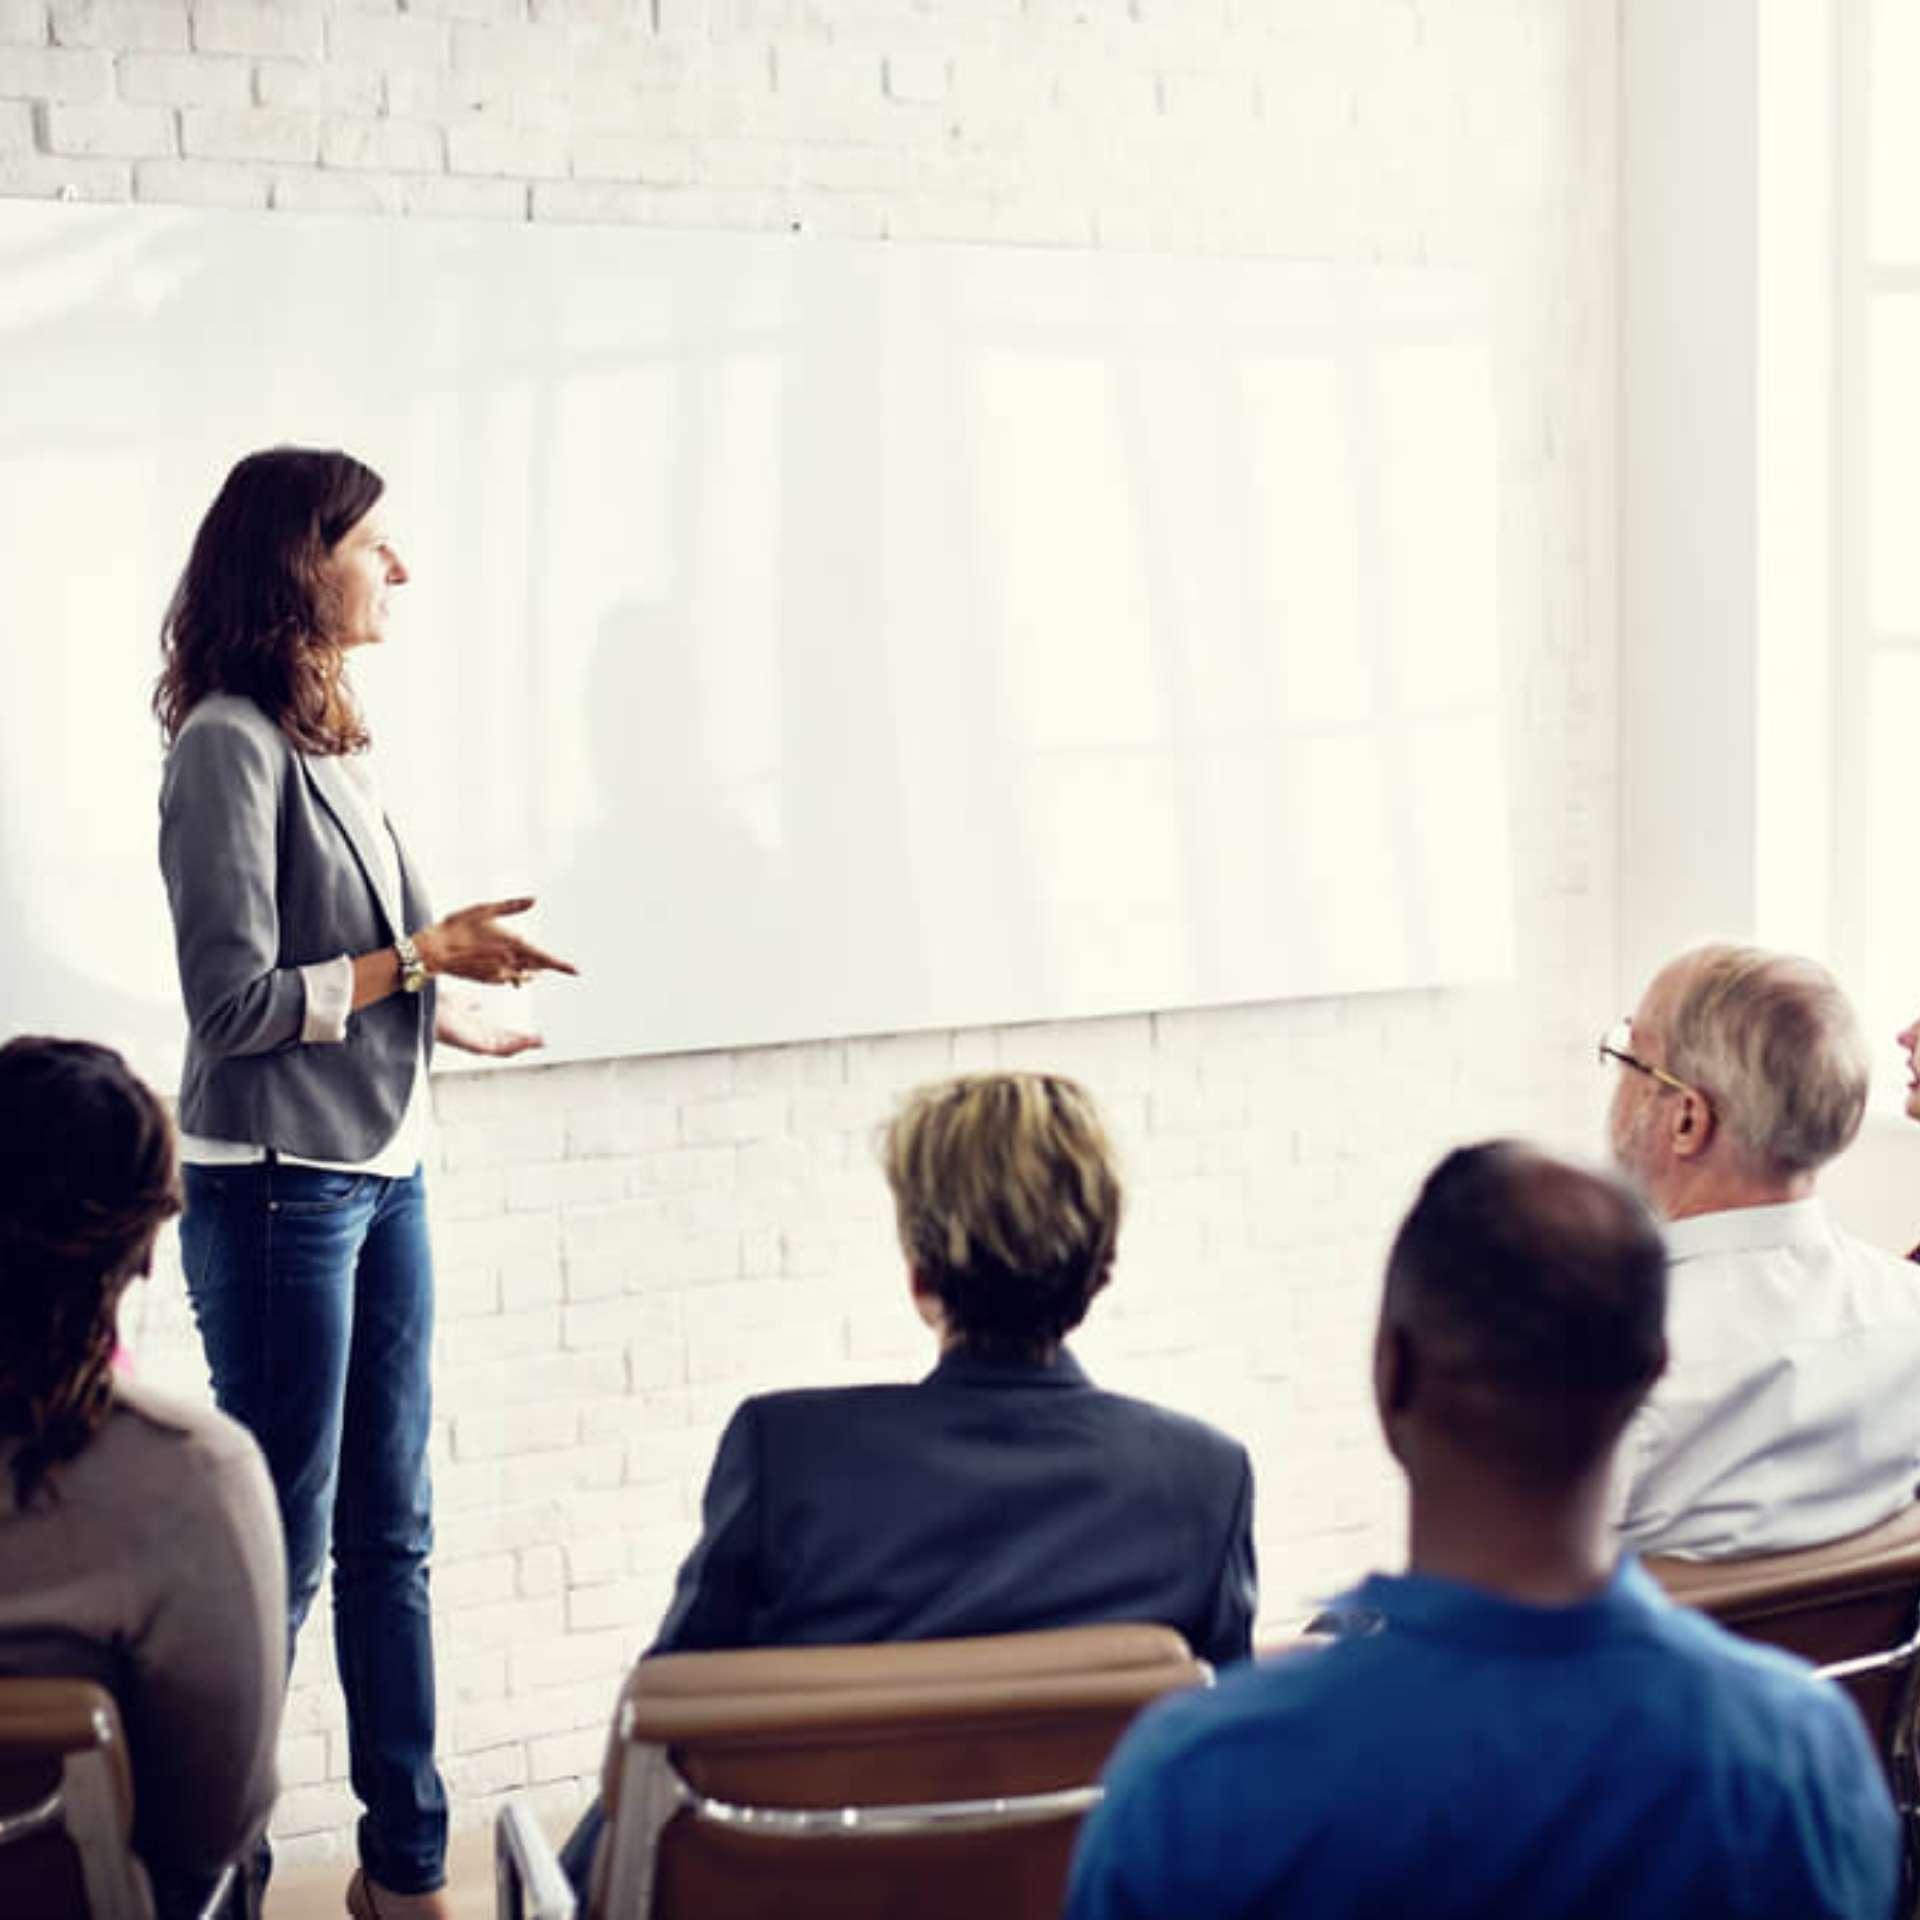 Conheça o Treinamento Corporativo para Gerar Resultados Lucrativos